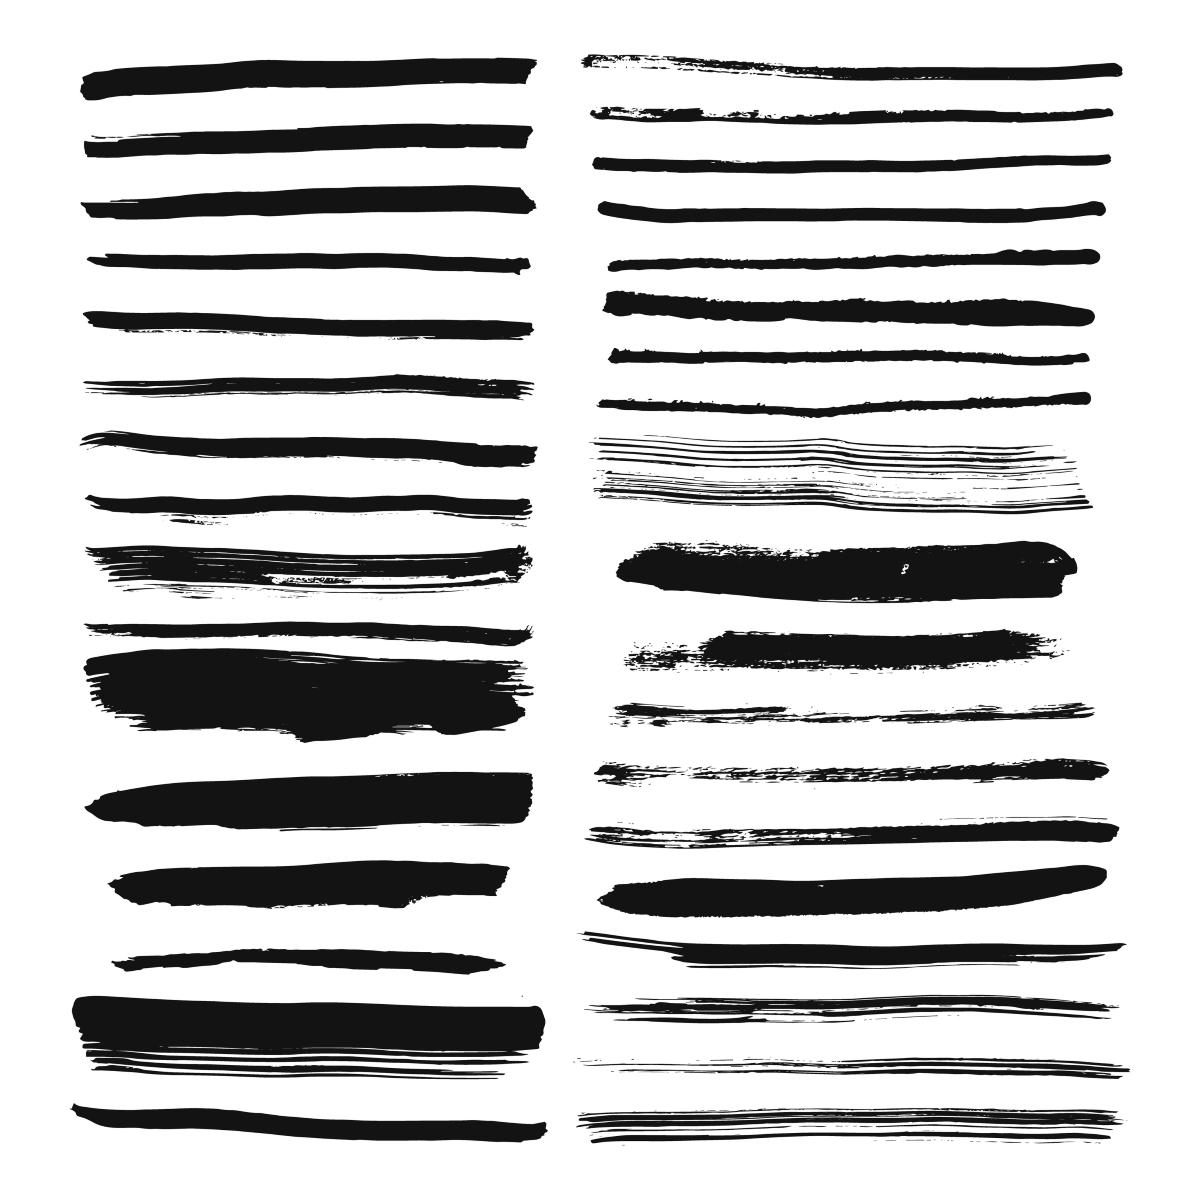 Ако сте гневни - започнете да рисувате линии.